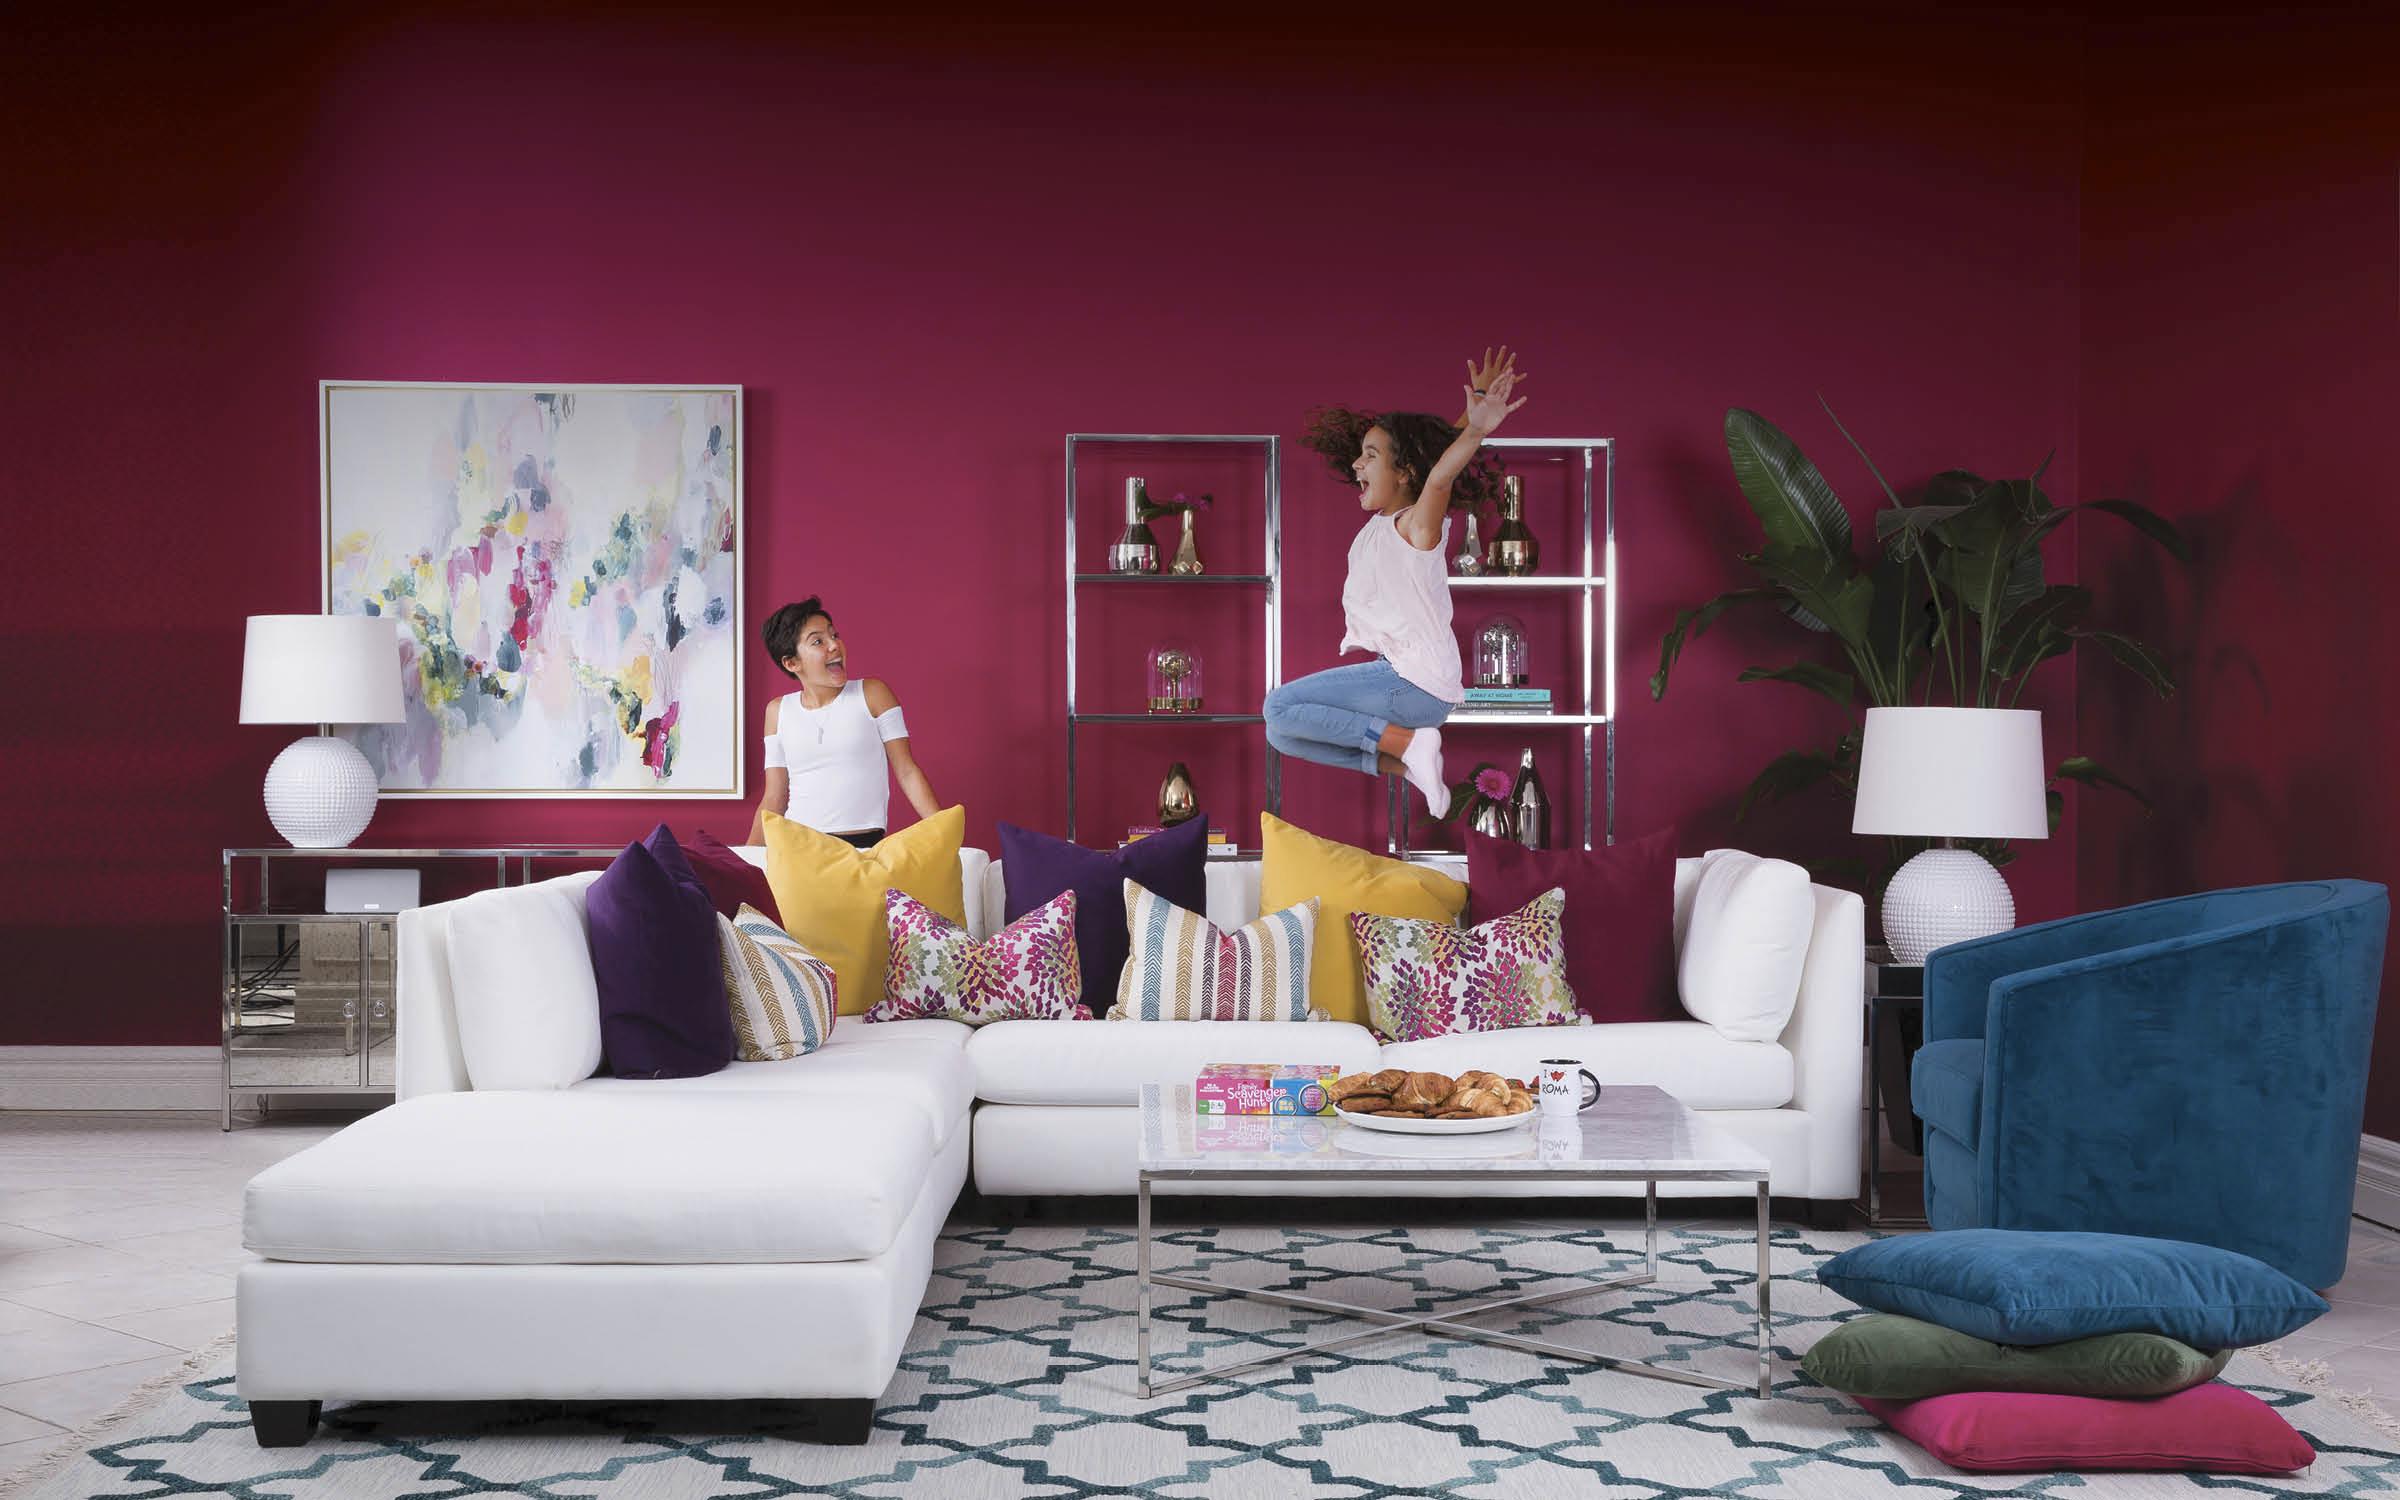 Decor Rest Furniture Ltd A Leading Canadian Manufacturer